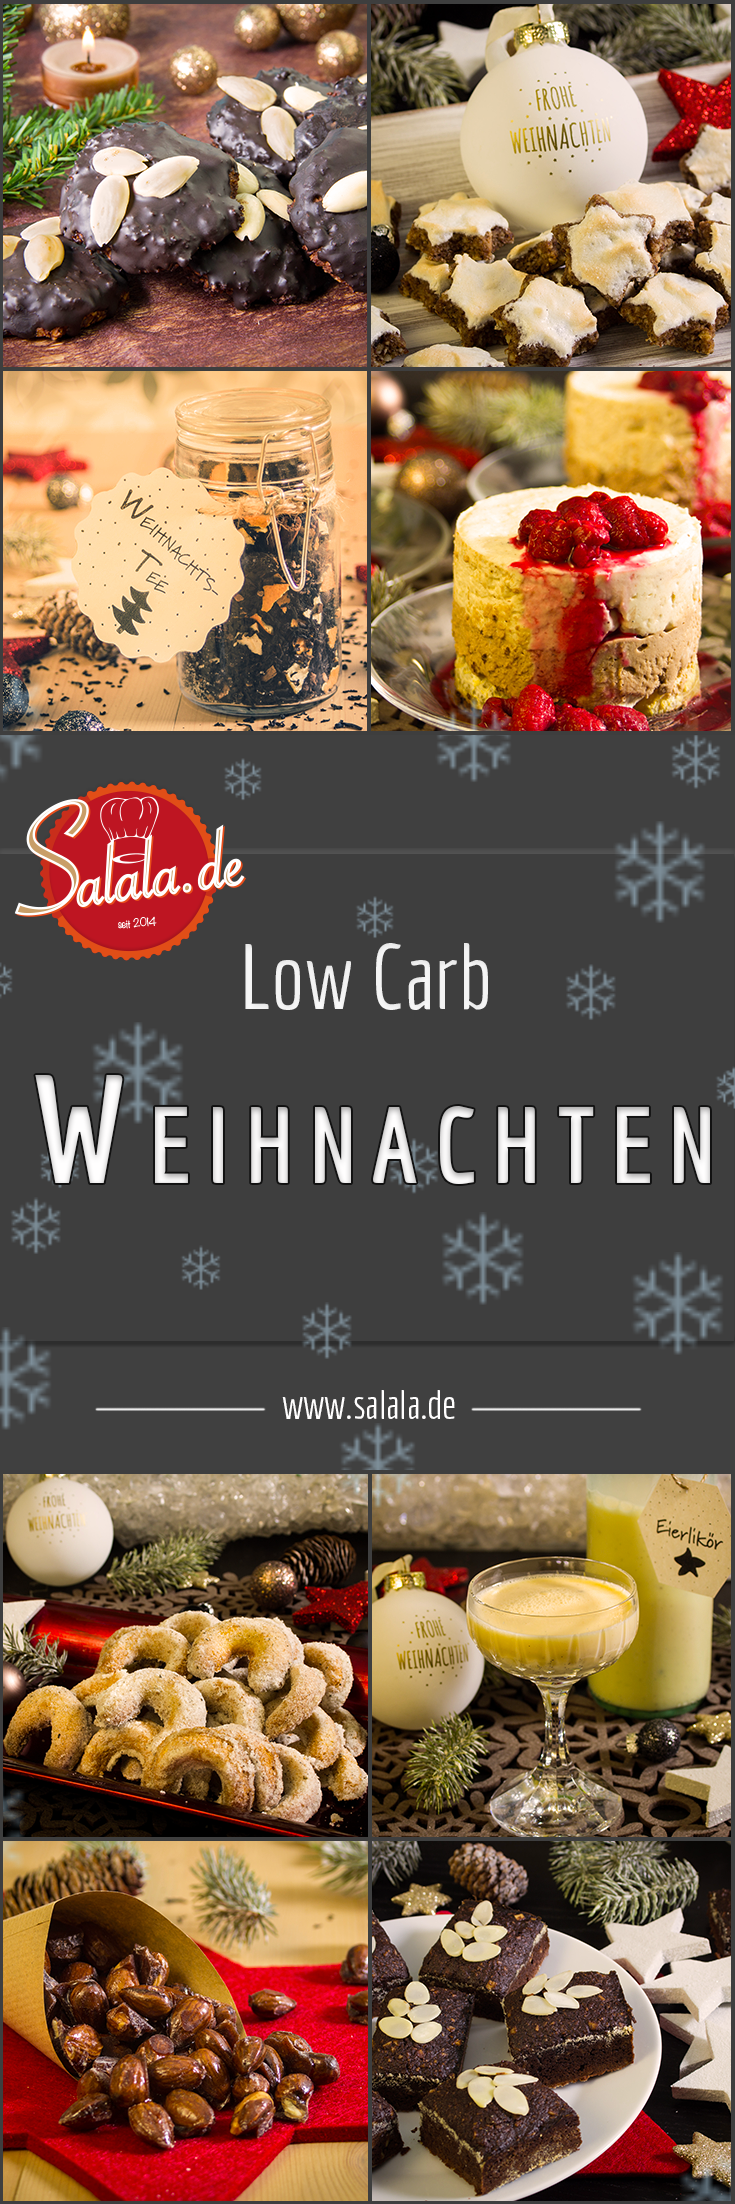 Low Carb Weihnachten | Weihnachtsgetränke, Low carb ernährung und ...